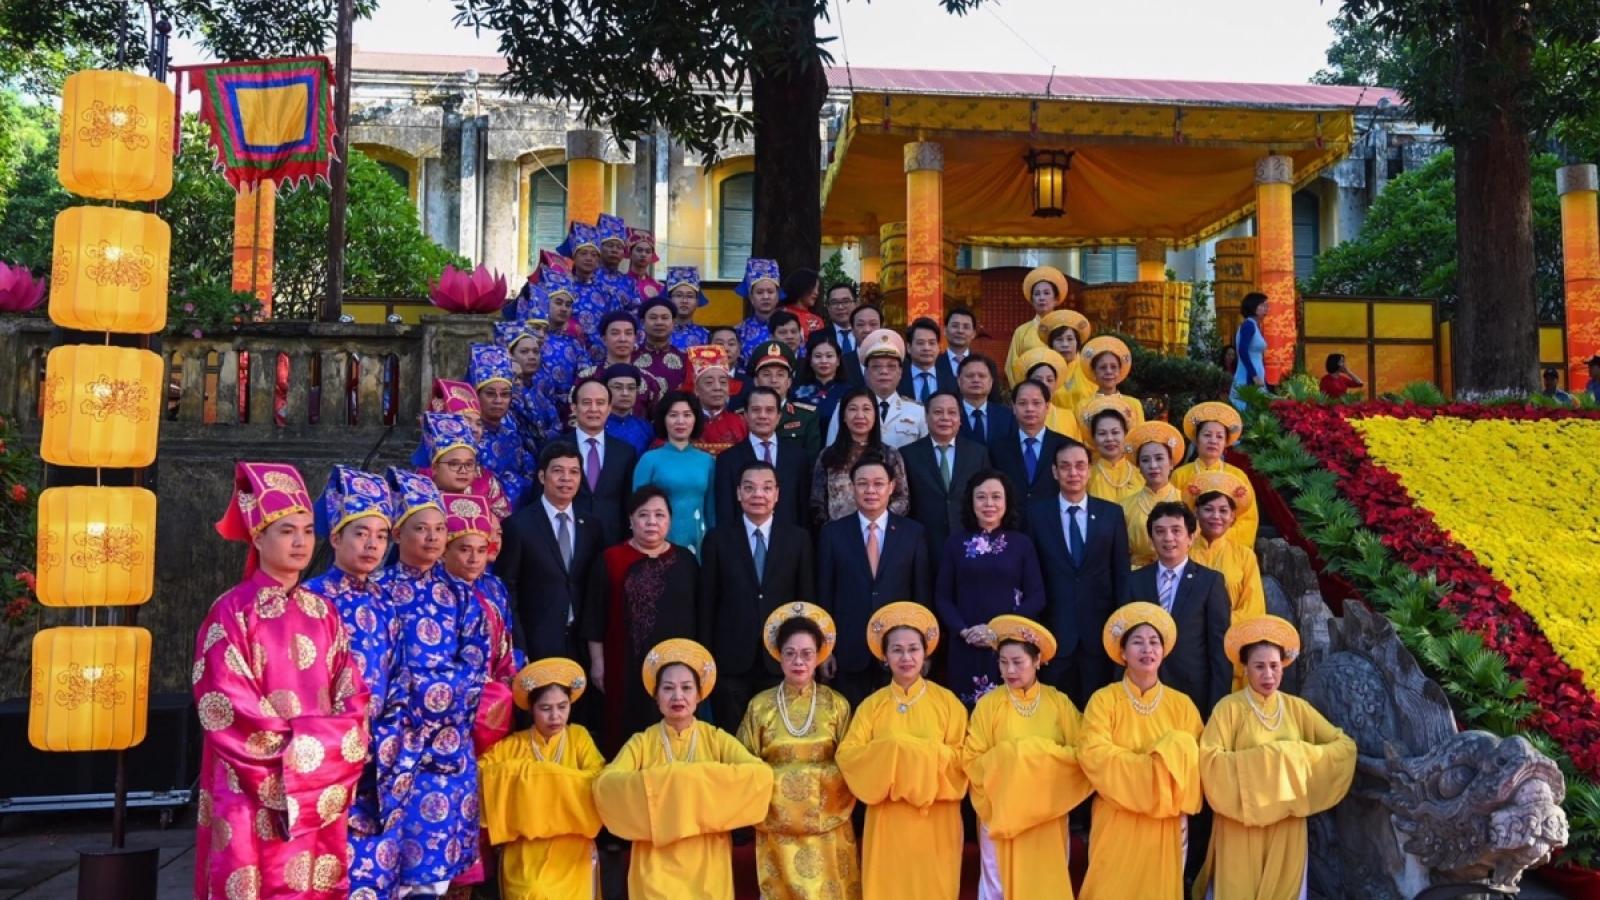 Lãnh đạo Hà Nội dâng hương tưởng niệm các vị tổ tiên và Chủ tịch Hồ Chí Minh